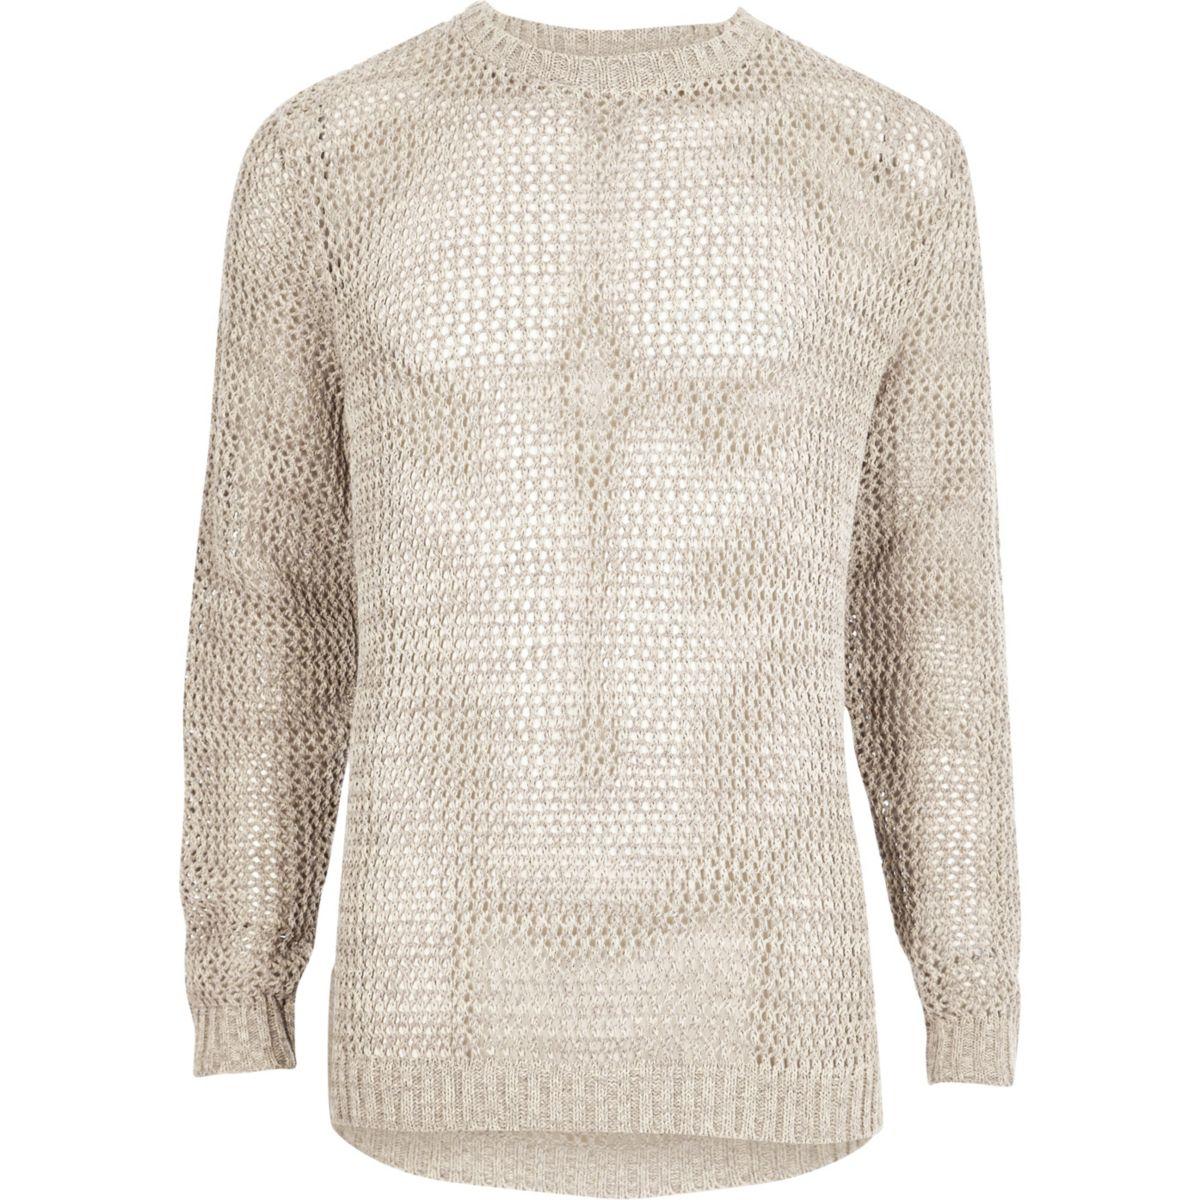 Stone mesh knit slim fit jumper